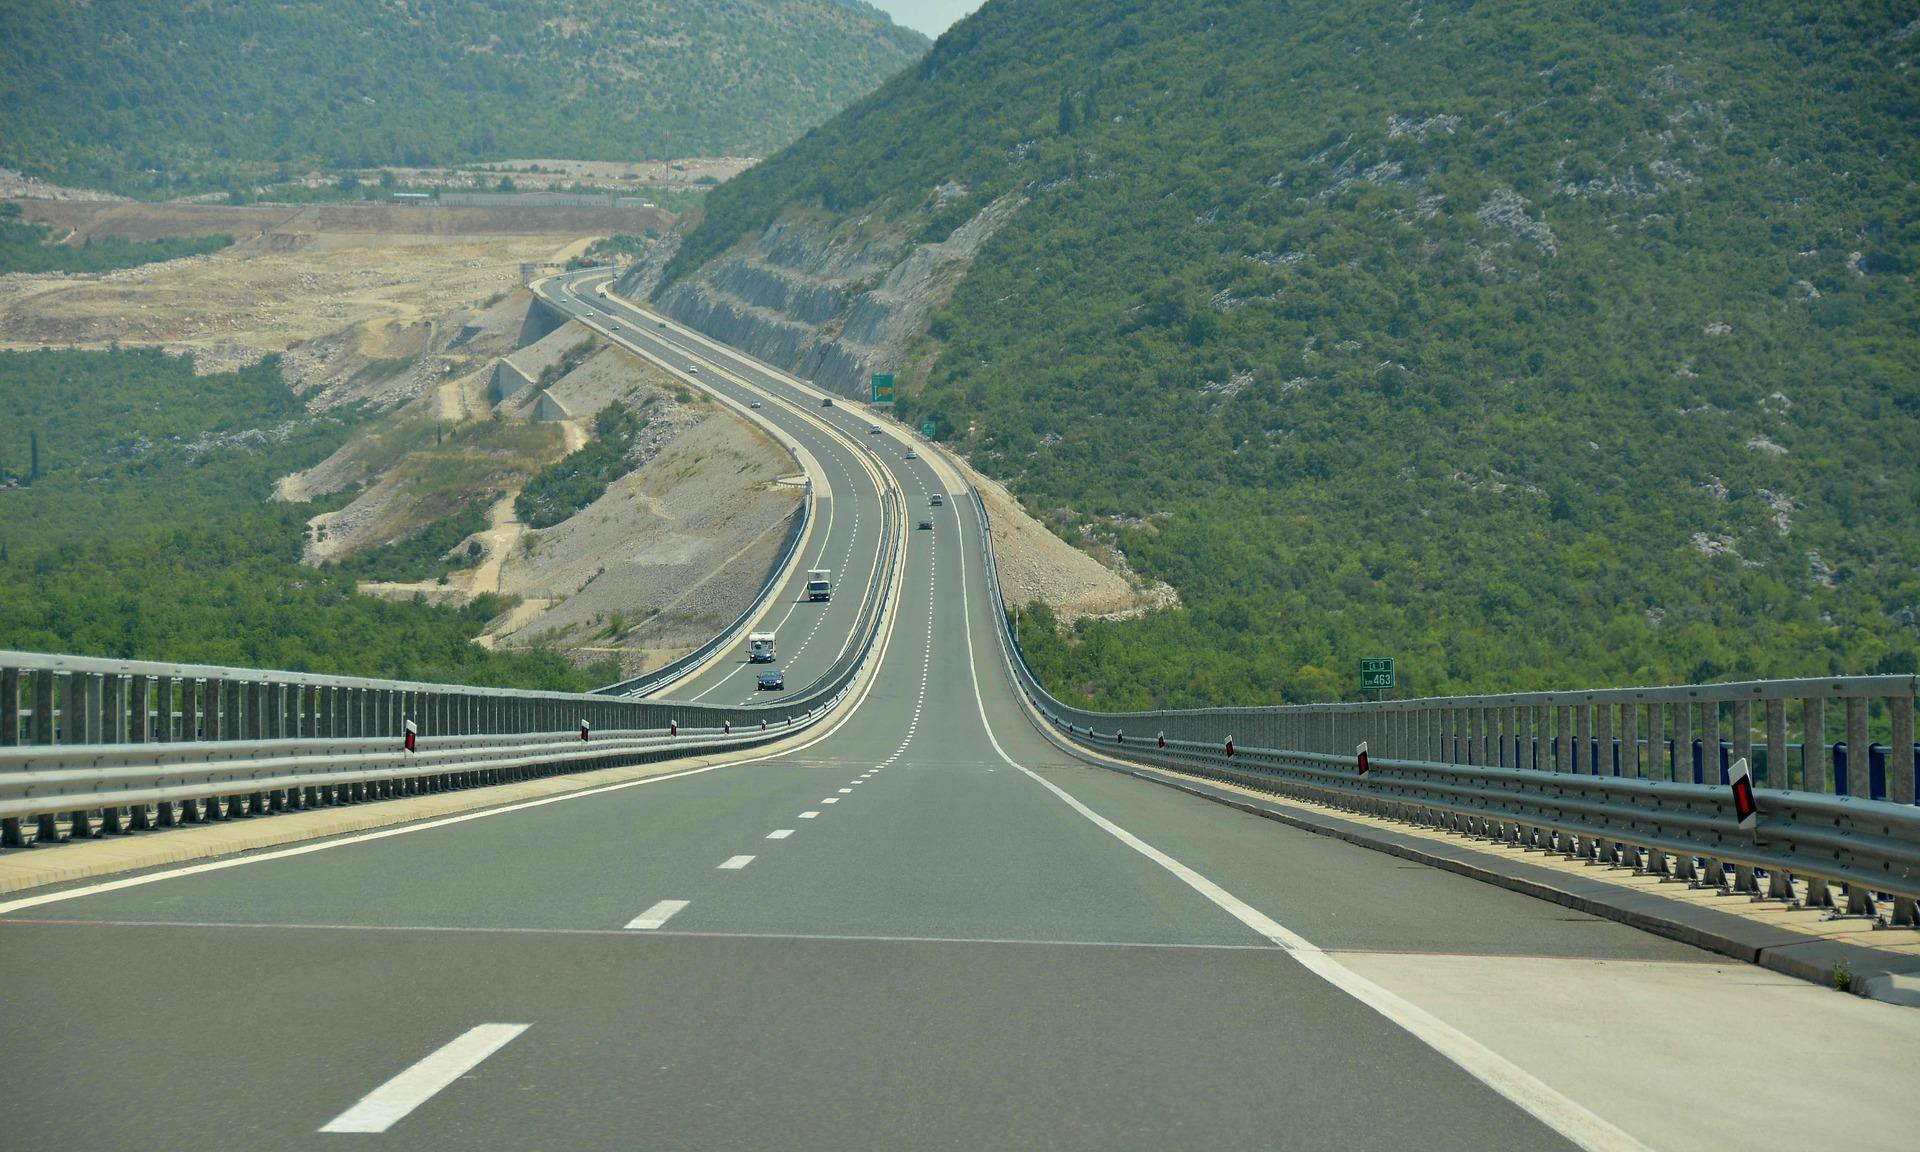 Prepreke realizaciji infrastrukturnih projekata kod nas: Između 6 i 10 godina potrebno za dobivanje dozvole